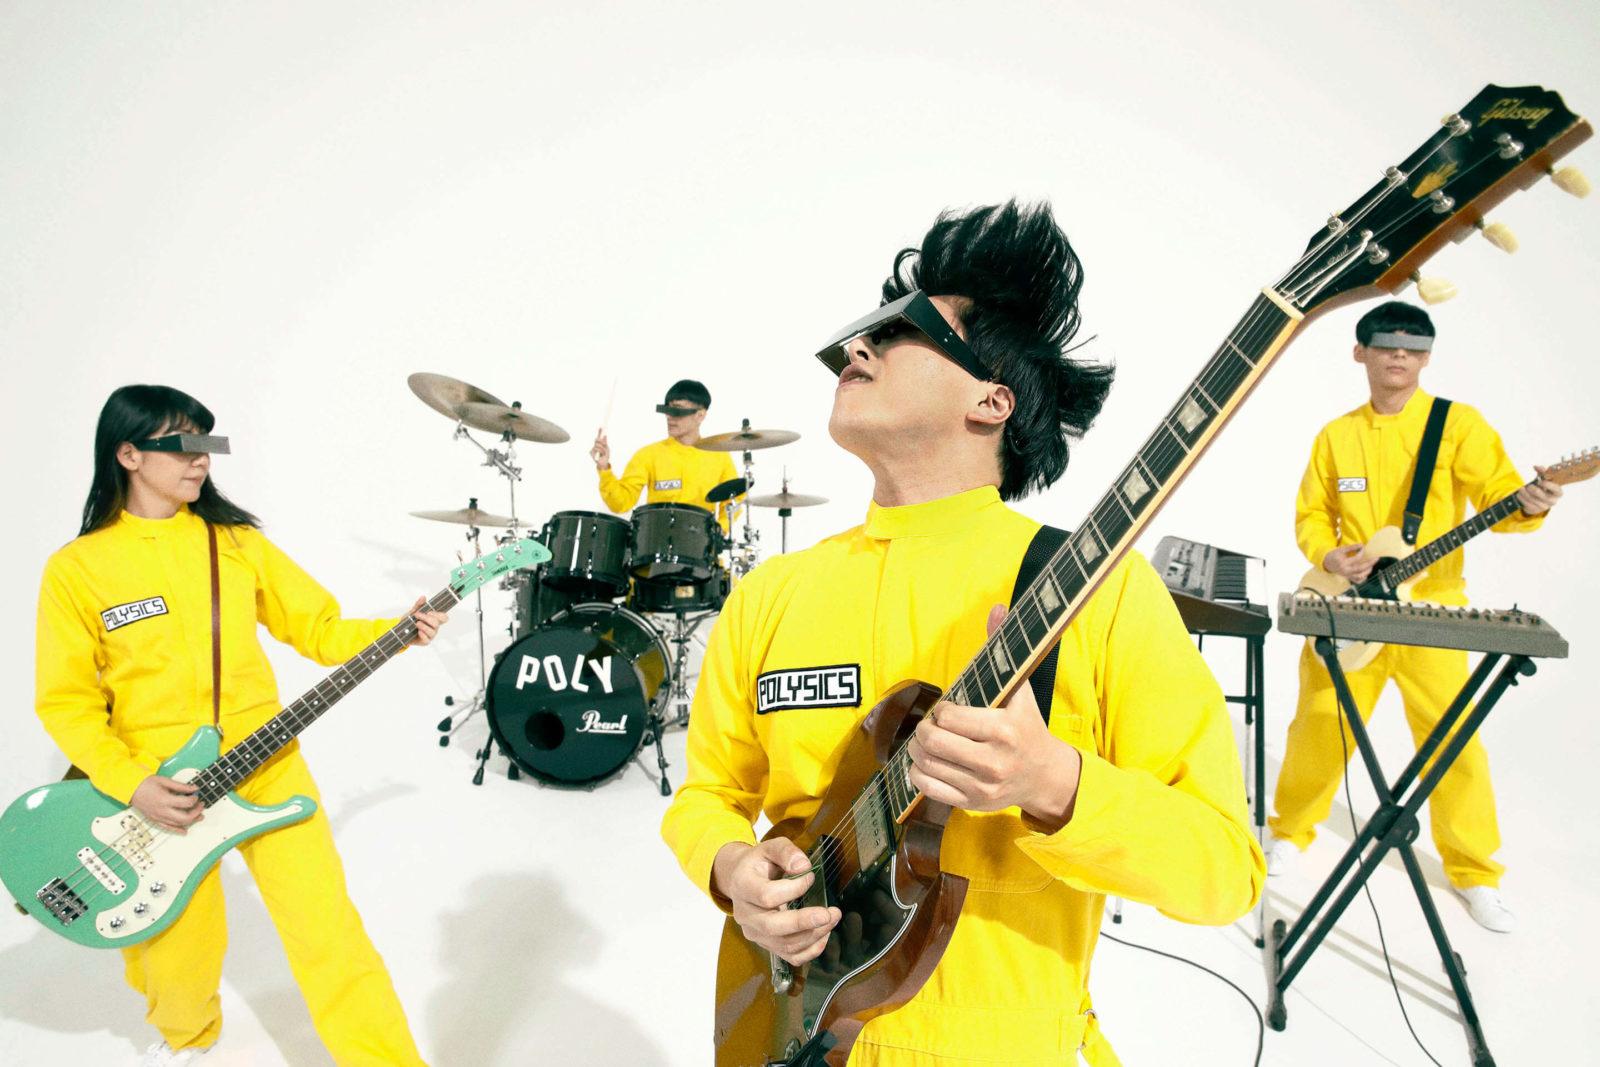 POLYSICS・The Vocoders 同メンバーによる別バンドの同一楽曲、MV2作品一挙公開サムネイル画像